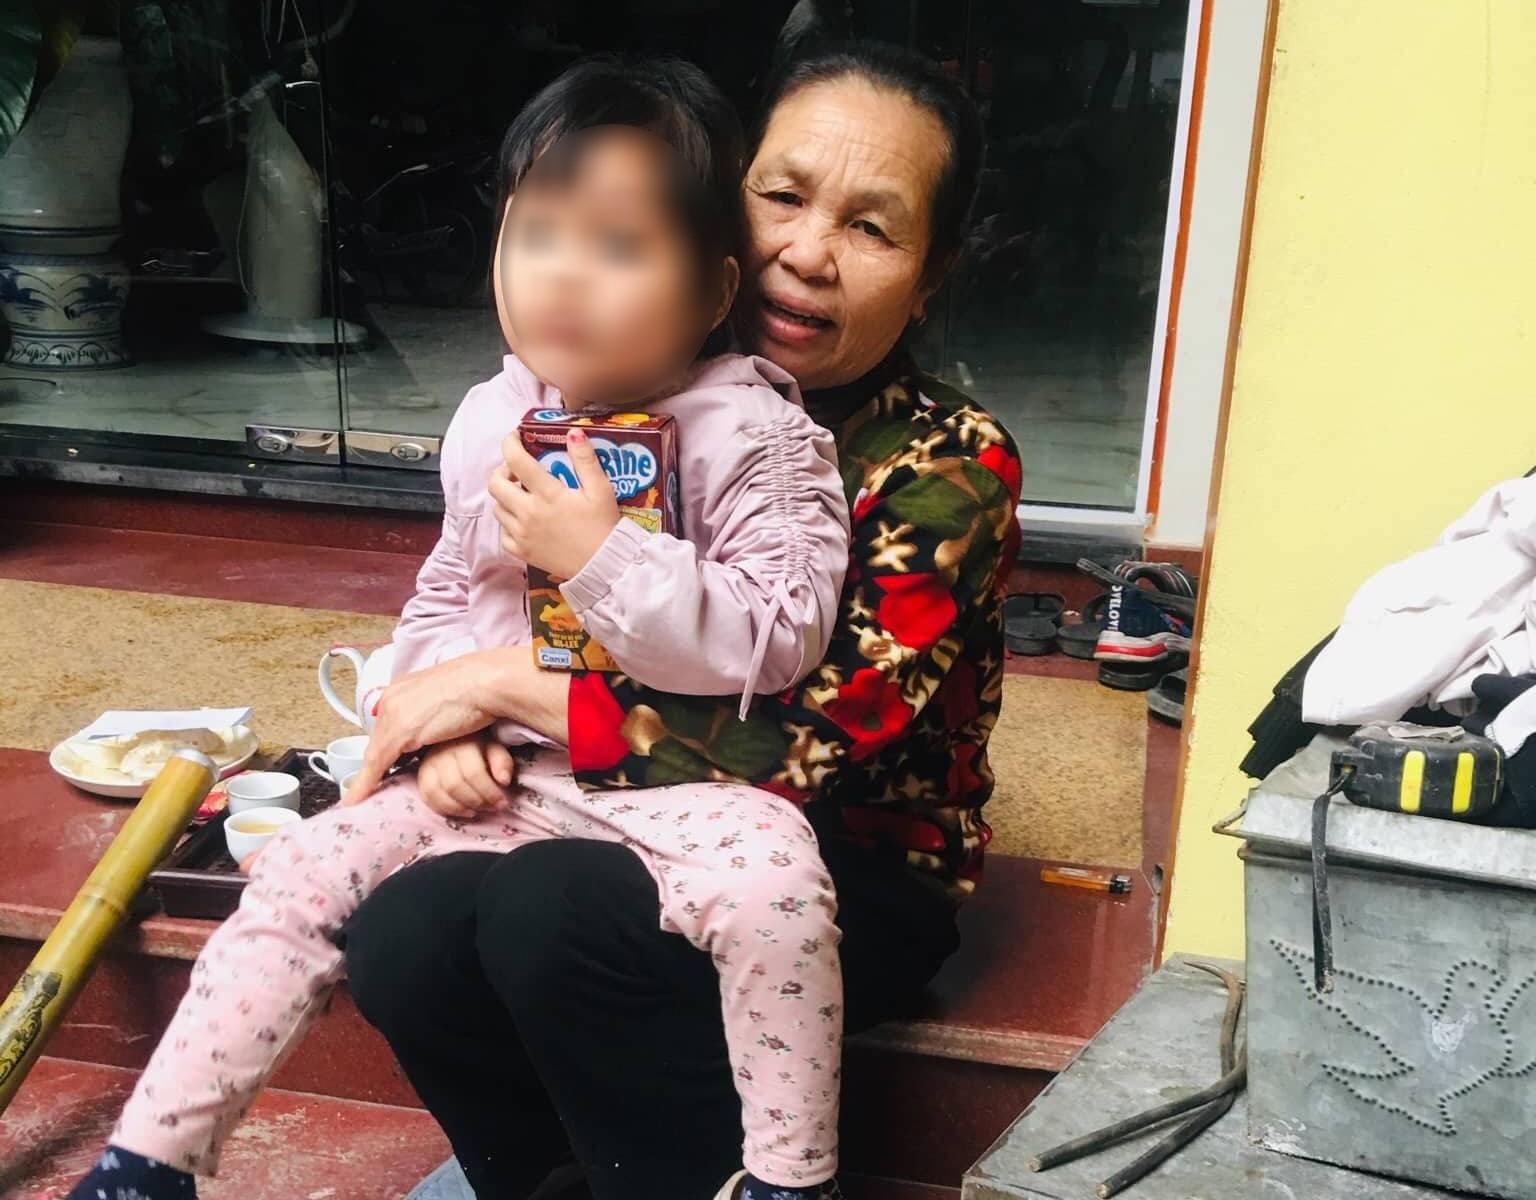 Người nhà bé gái 3 tuổi nghi bị bắt cóc ở Hà Nội: 'Gia đình tôi thấy anh ta cũng hiền lành' - Ảnh 2